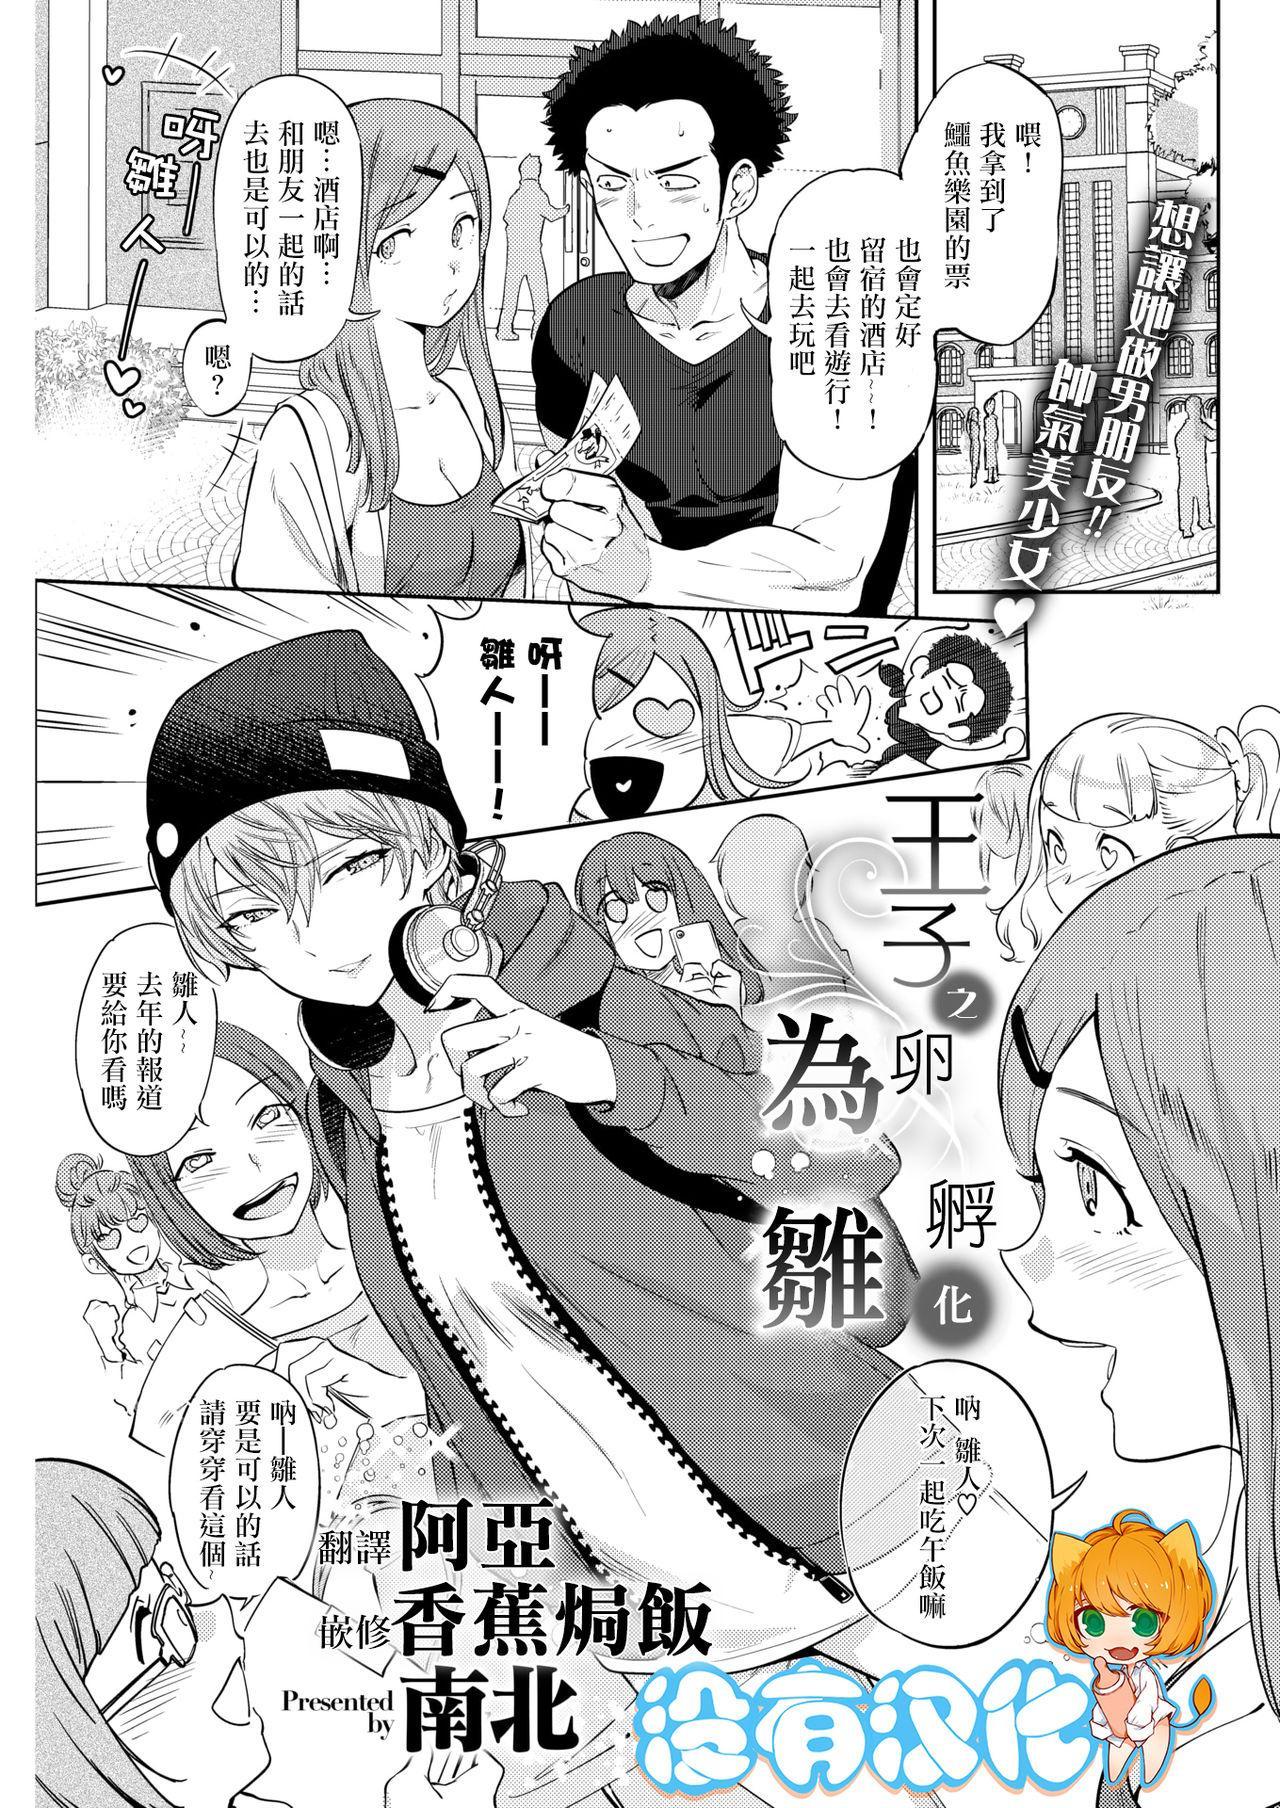 Ouji no Tamago wa Hina ni Kaeru   王子之卵孵化為雛 0